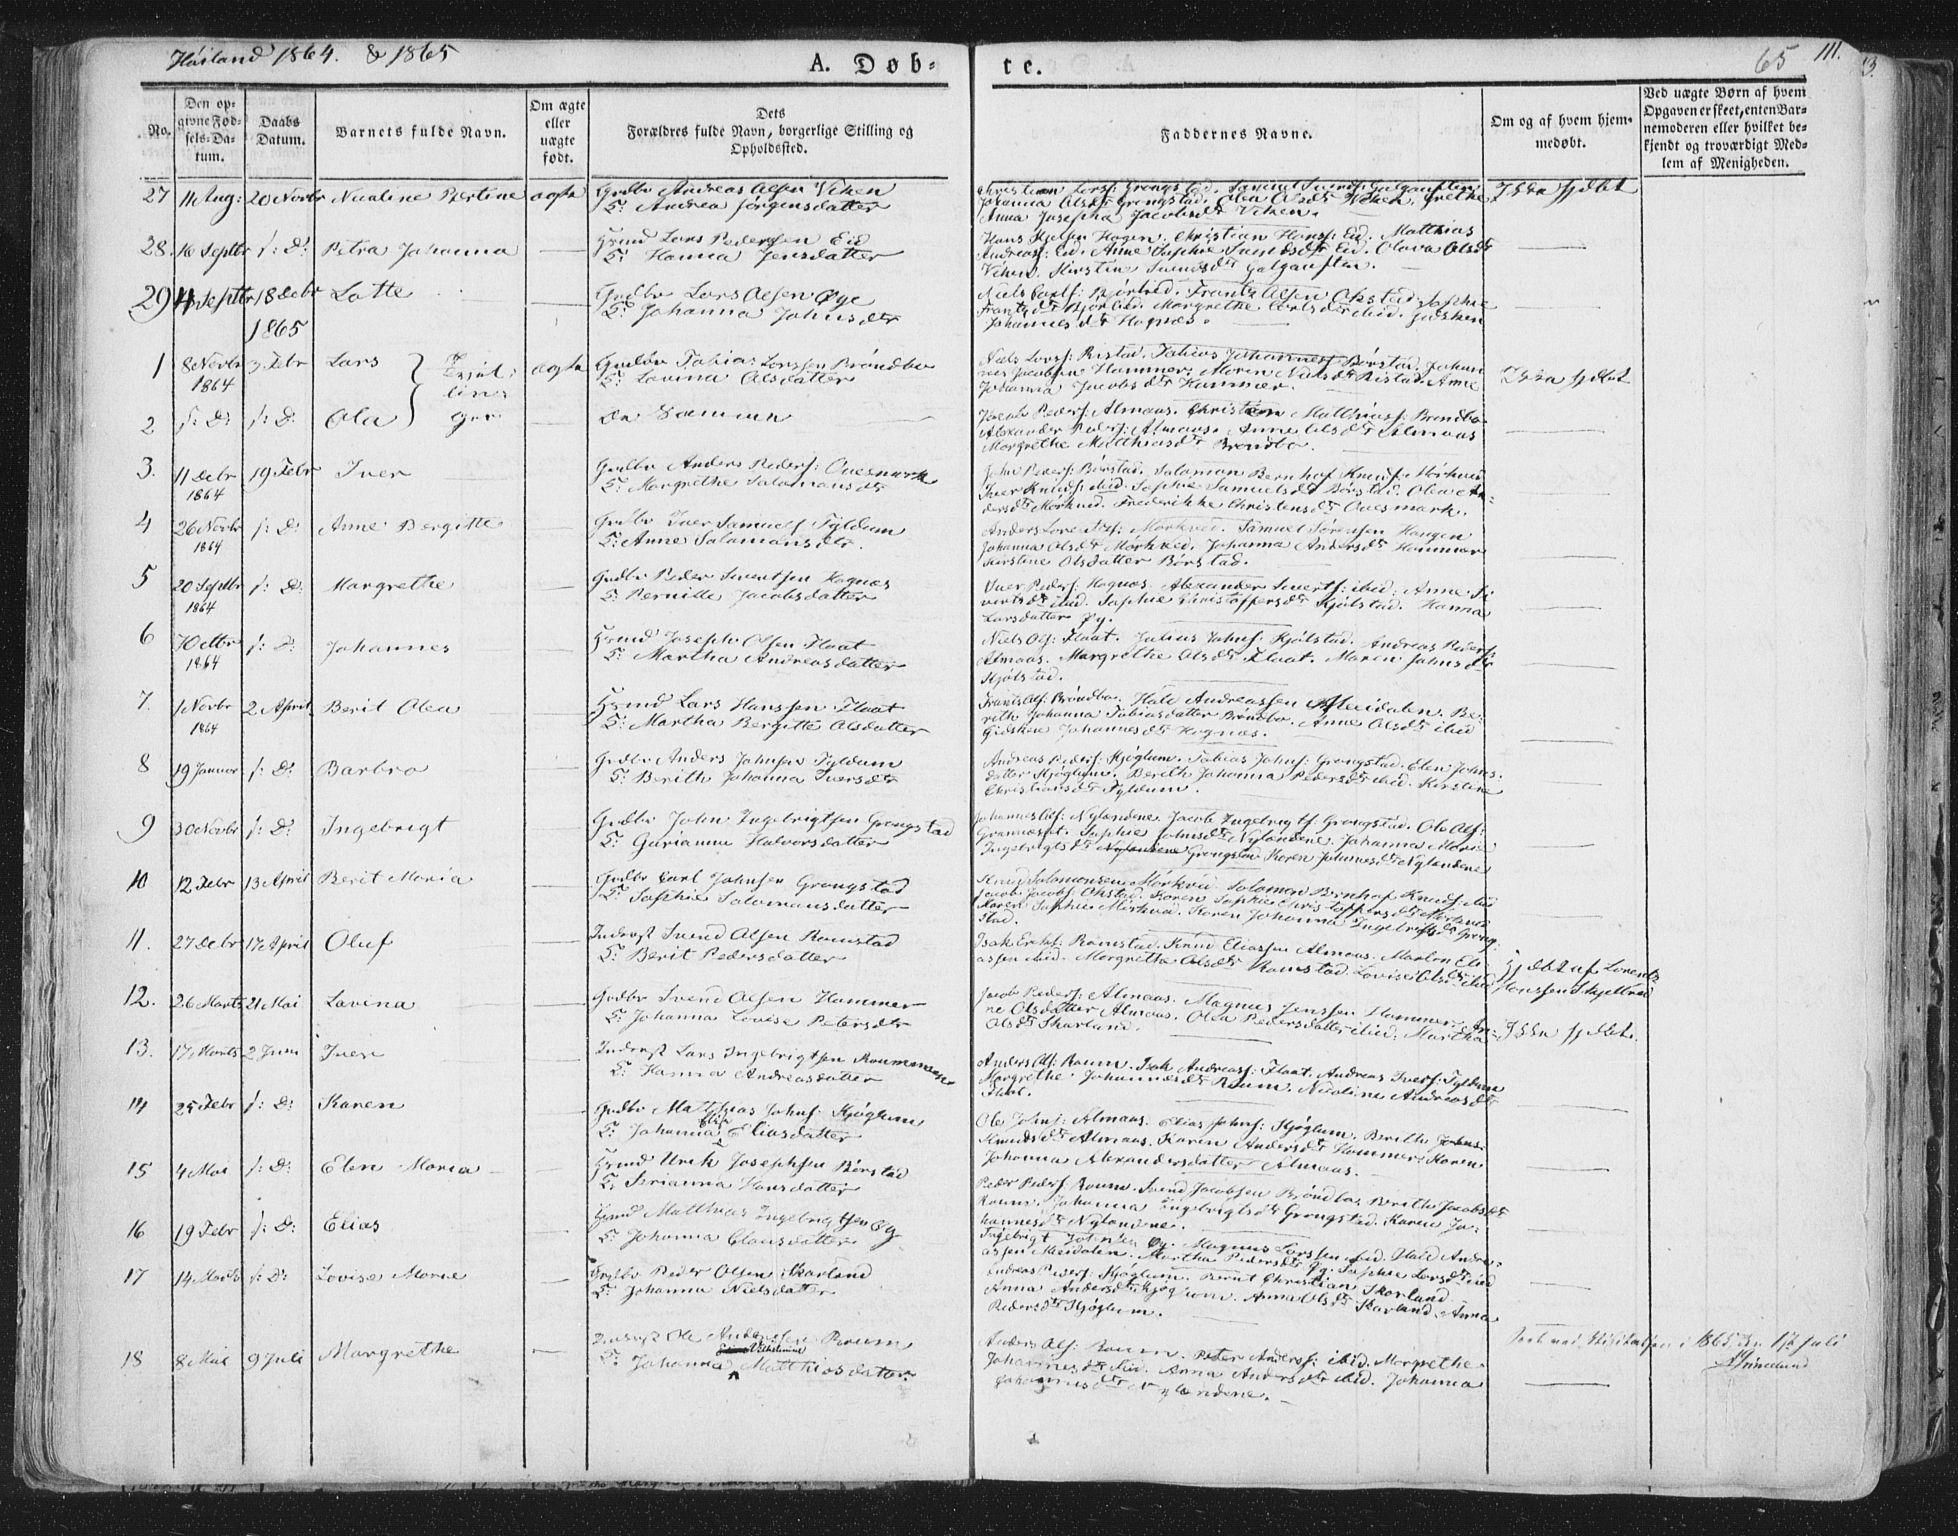 SAT, Ministerialprotokoller, klokkerbøker og fødselsregistre - Nord-Trøndelag, 758/L0513: Ministerialbok nr. 758A02 /2, 1839-1868, s. 65